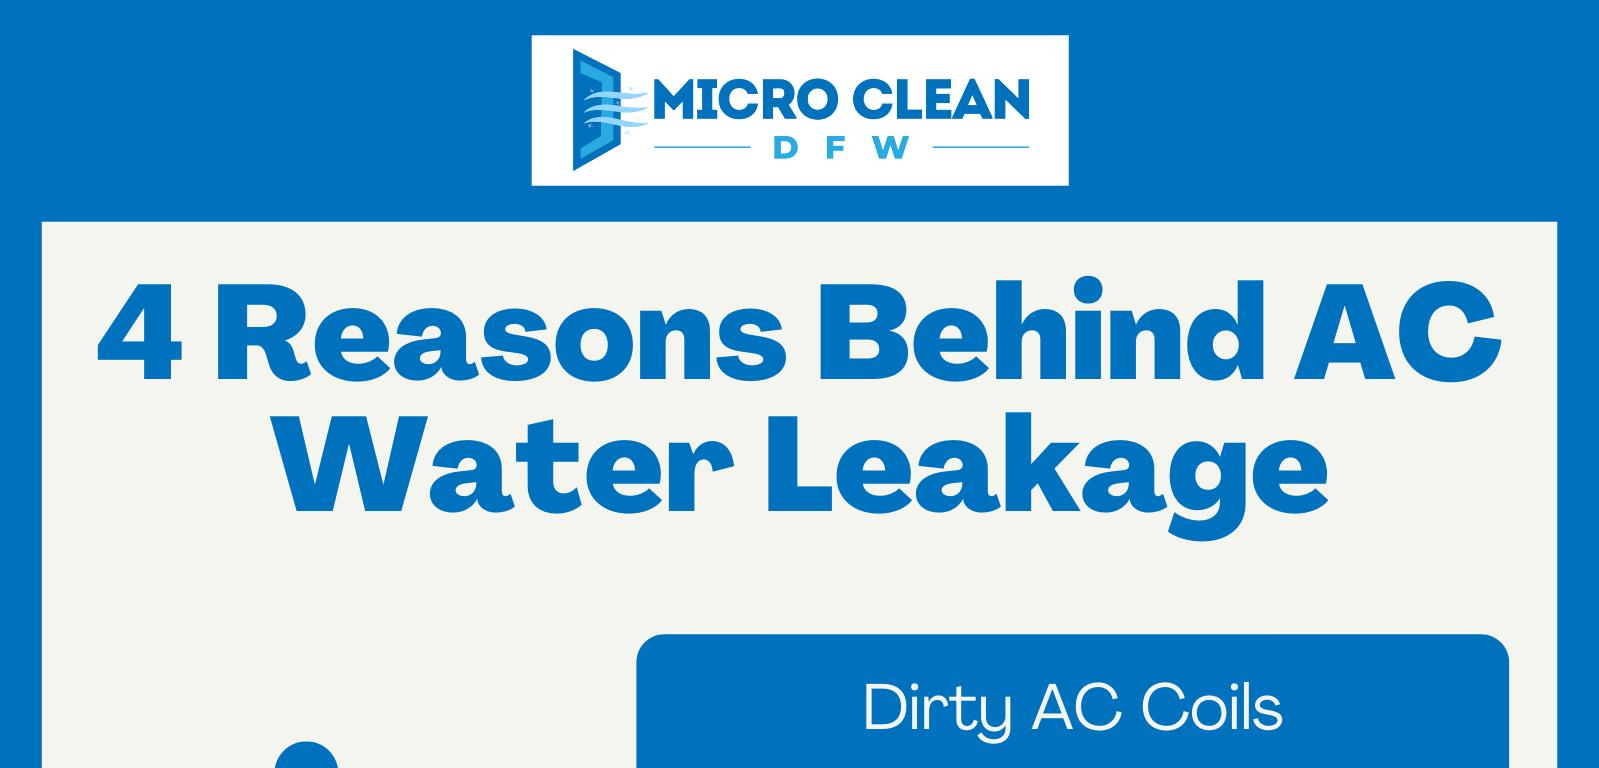 4 Reasons Behind AC Water Leakage